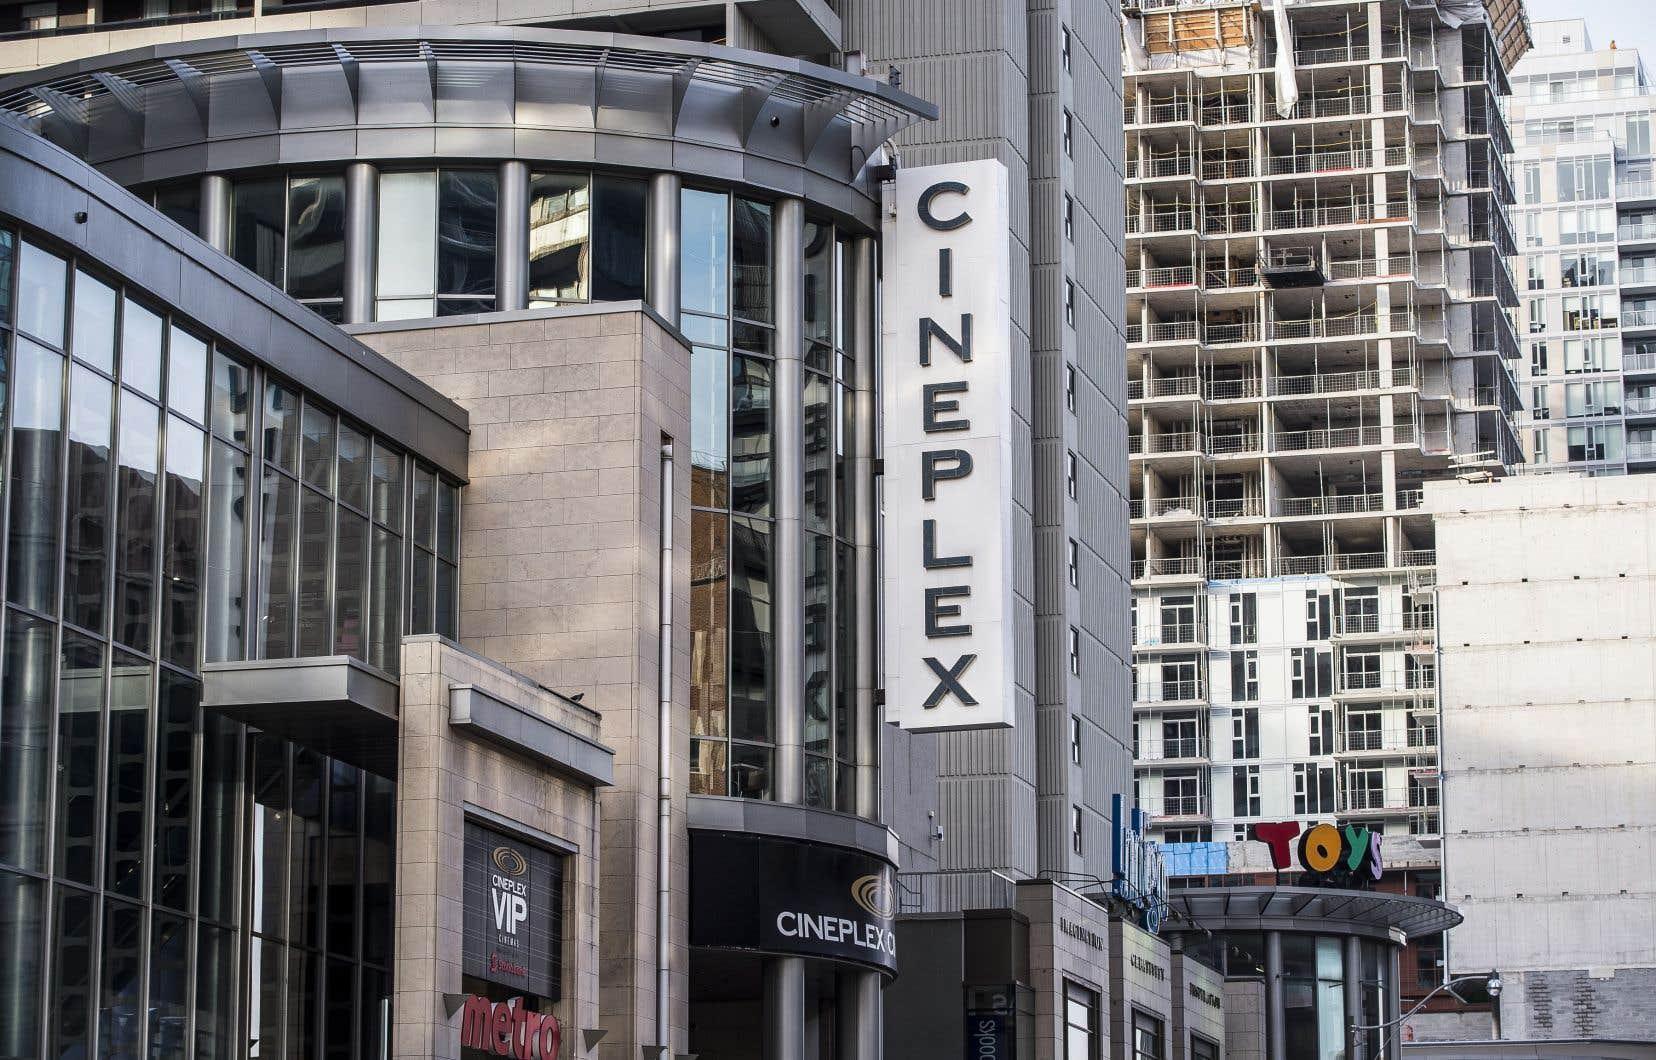 Une pétition a été lancée dans la foulée de l'achat de Cineplex par une entreprise britannique, Cineworld PLC, au prix de 2,8 milliards de dollars.